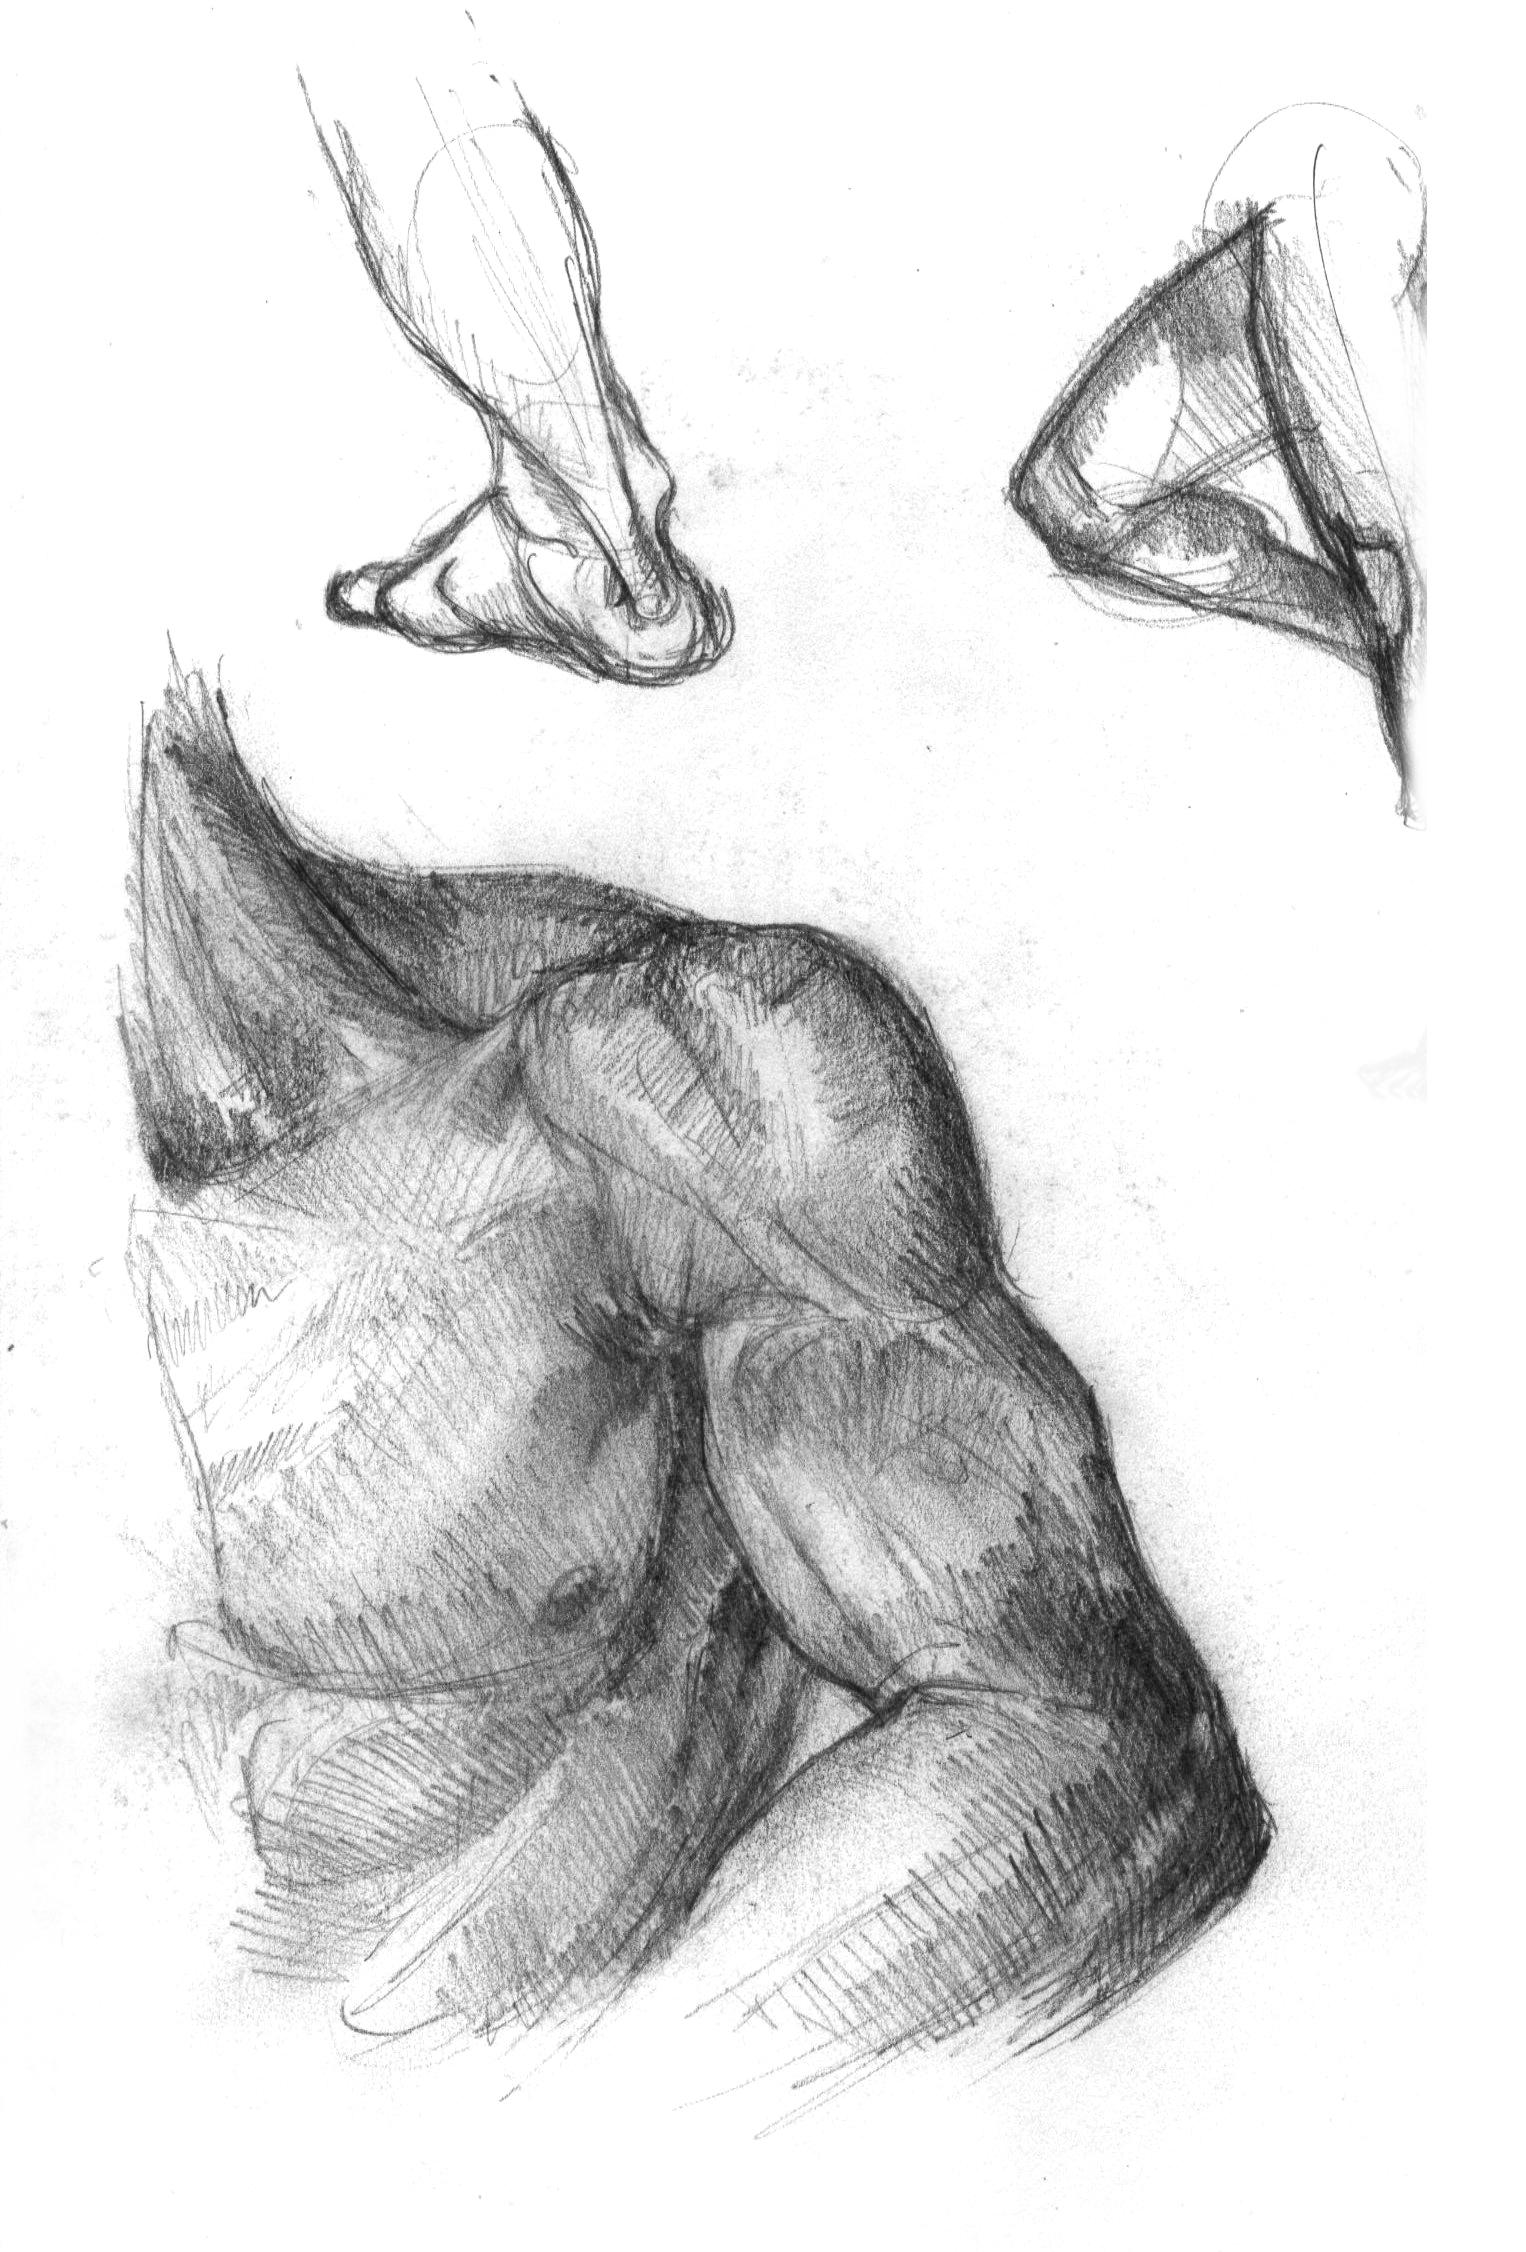 anatomy-studies-012.jpg